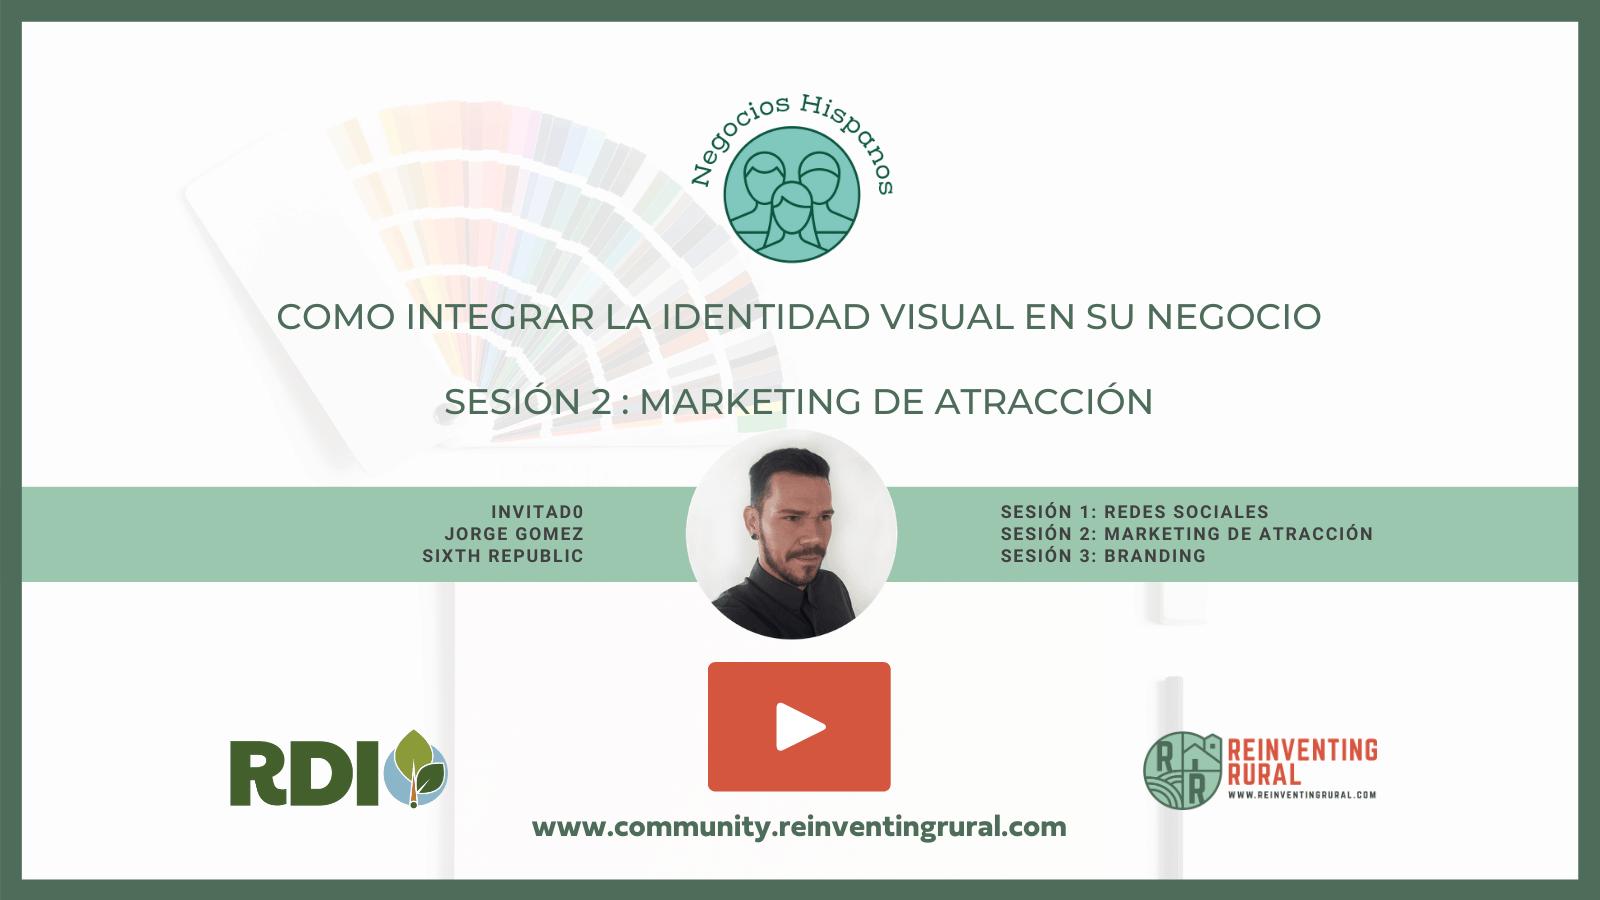 Sesion 2 Como Integrar la Identidad Visual en su Negocio